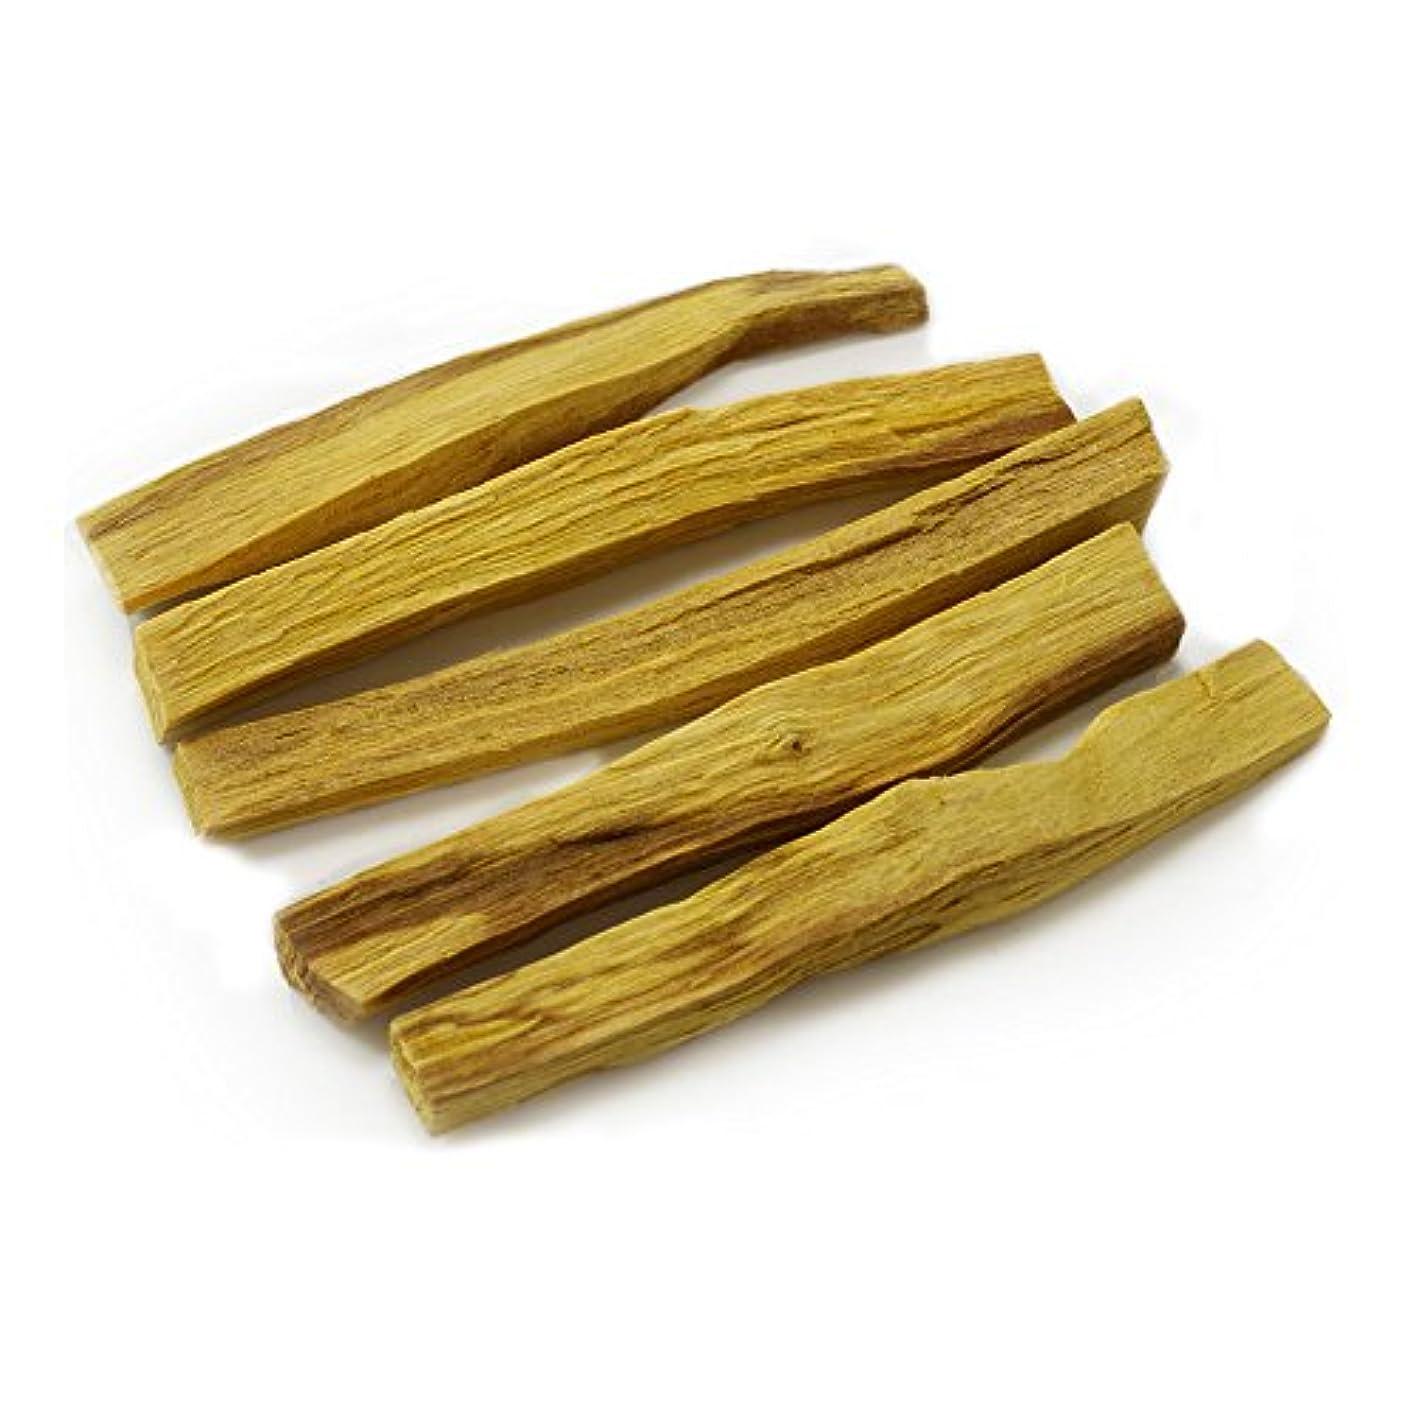 純粋な減る確かなPalo Santo Holy Wood Incense Sticks 5 Pcs by Palo Santo Wood